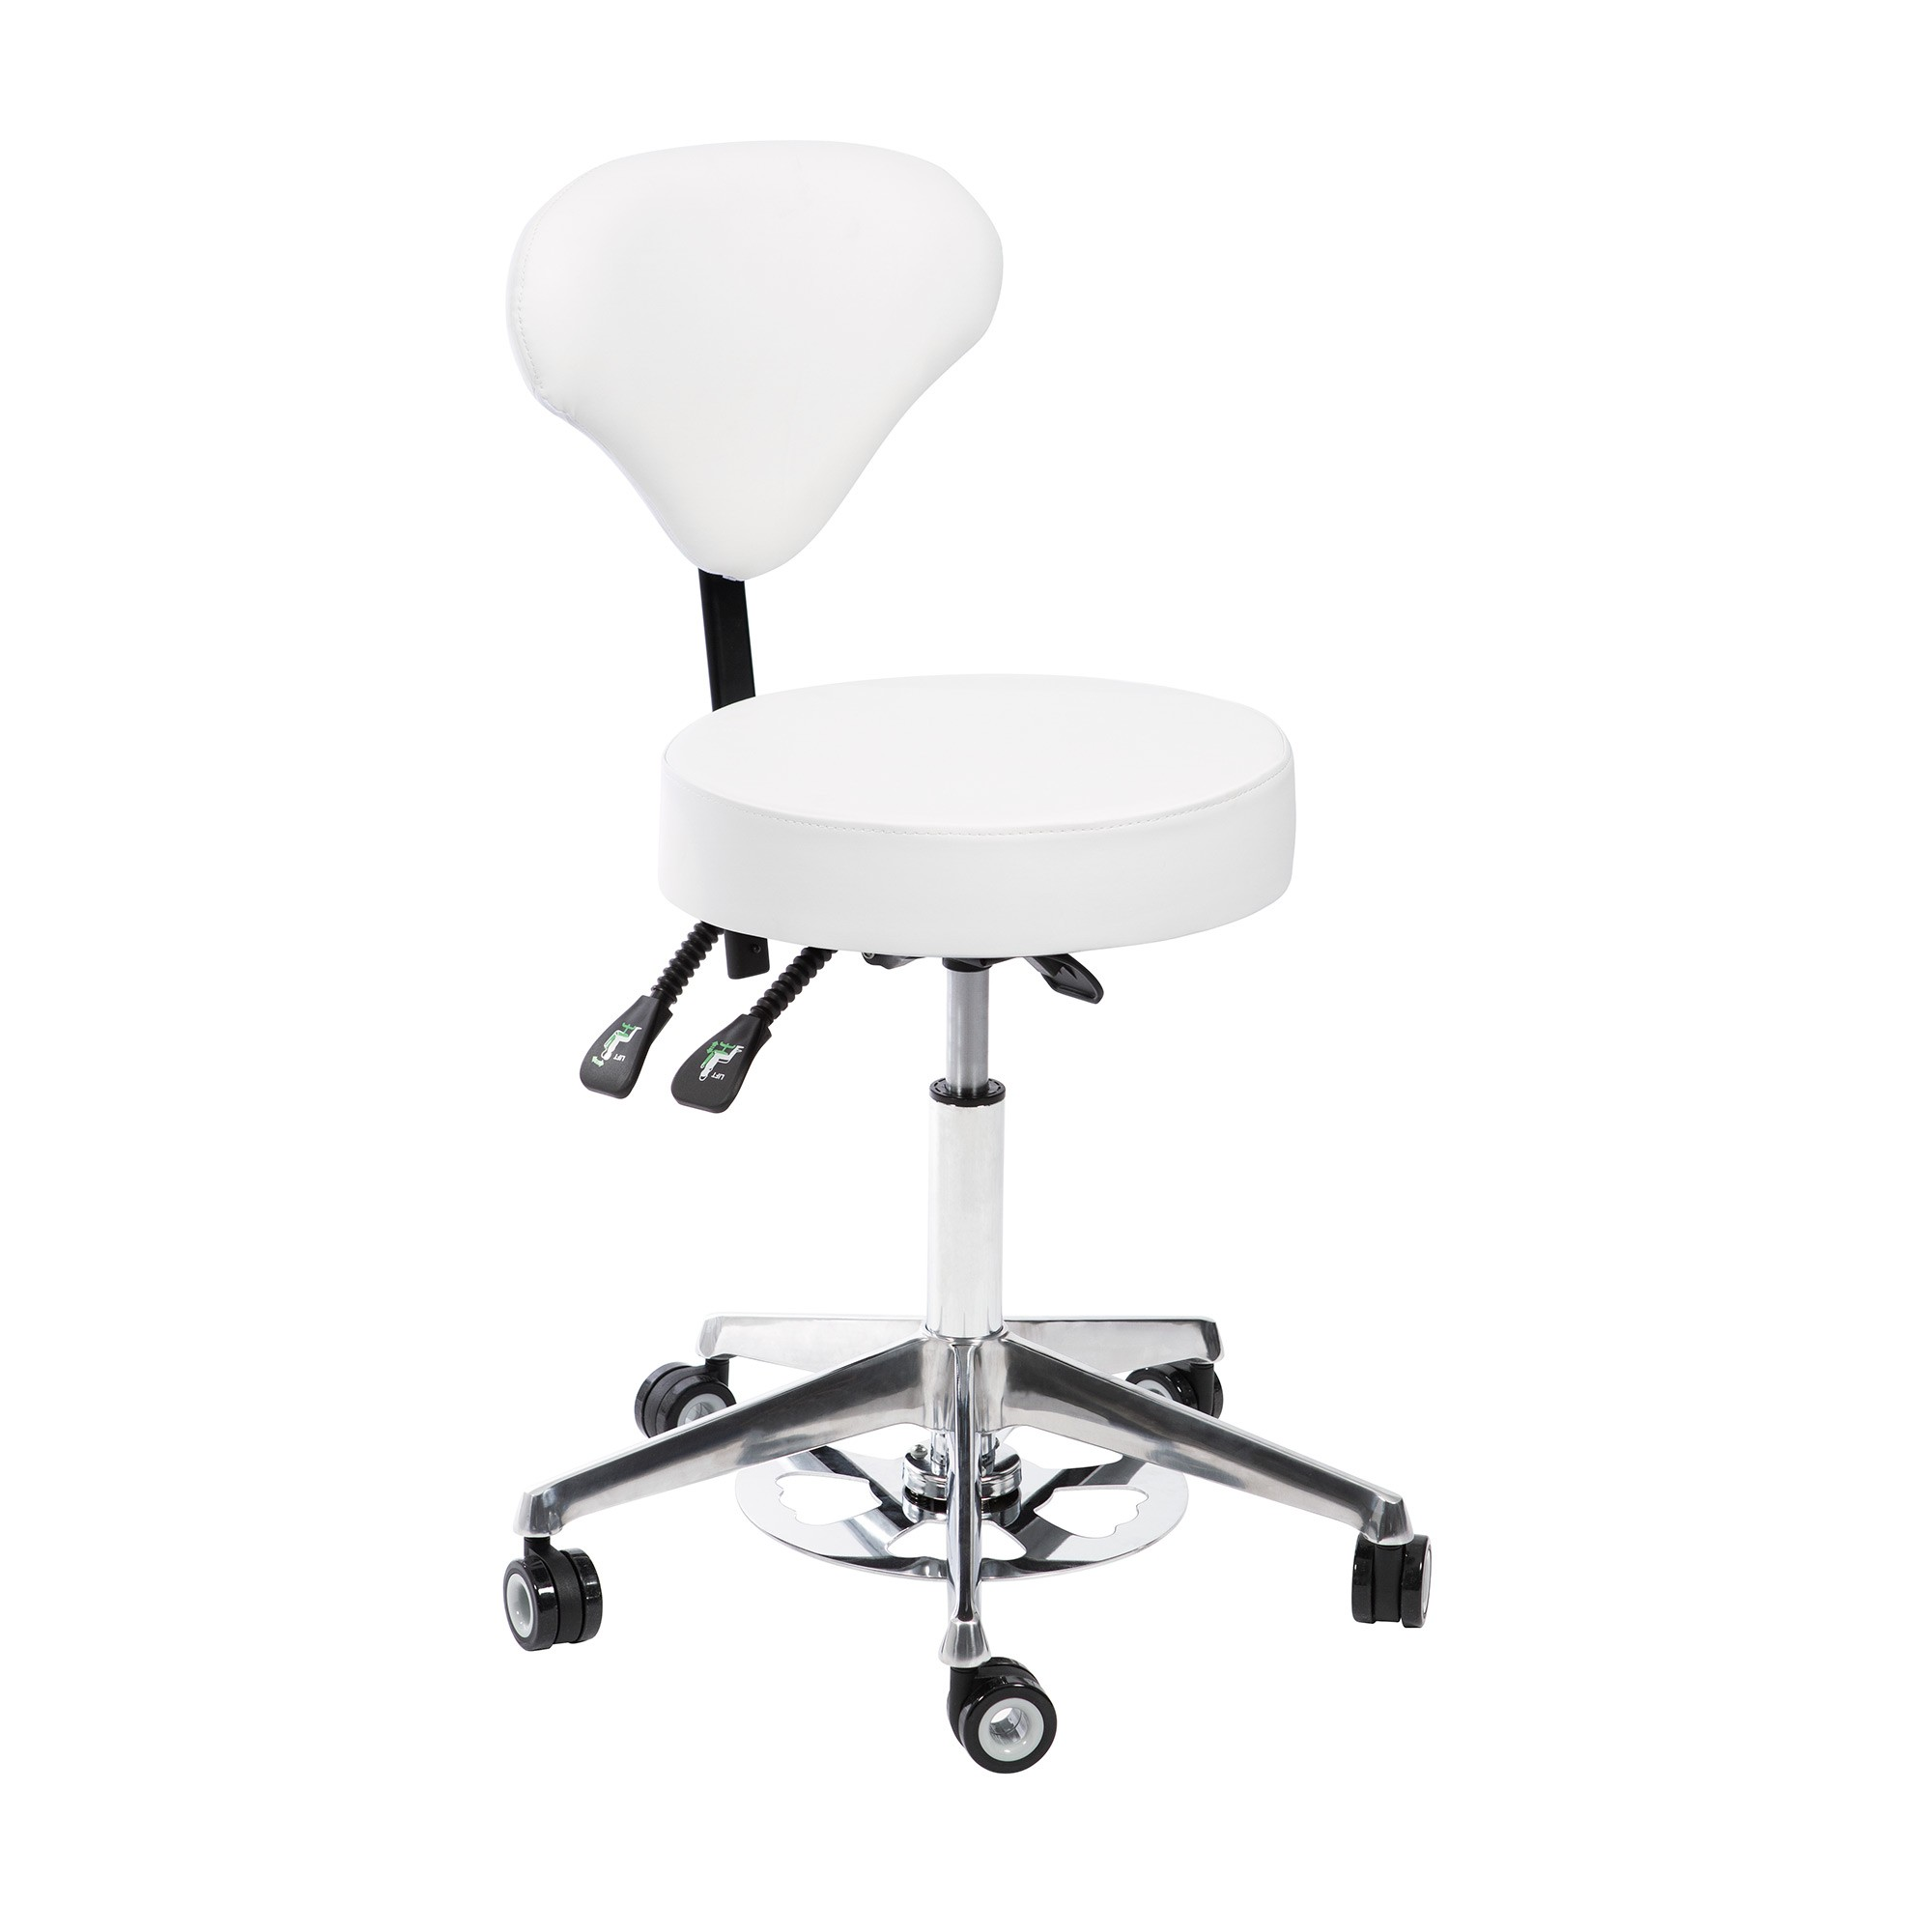 Arbetsstol ORION med Bump IT svart & vit Höjd: 51-63cm